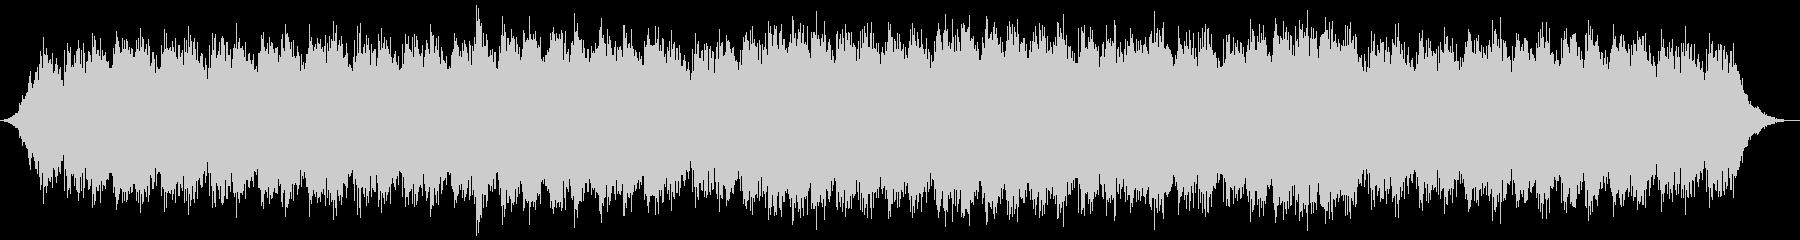 追跡シーン向けミニマルテクノの未再生の波形